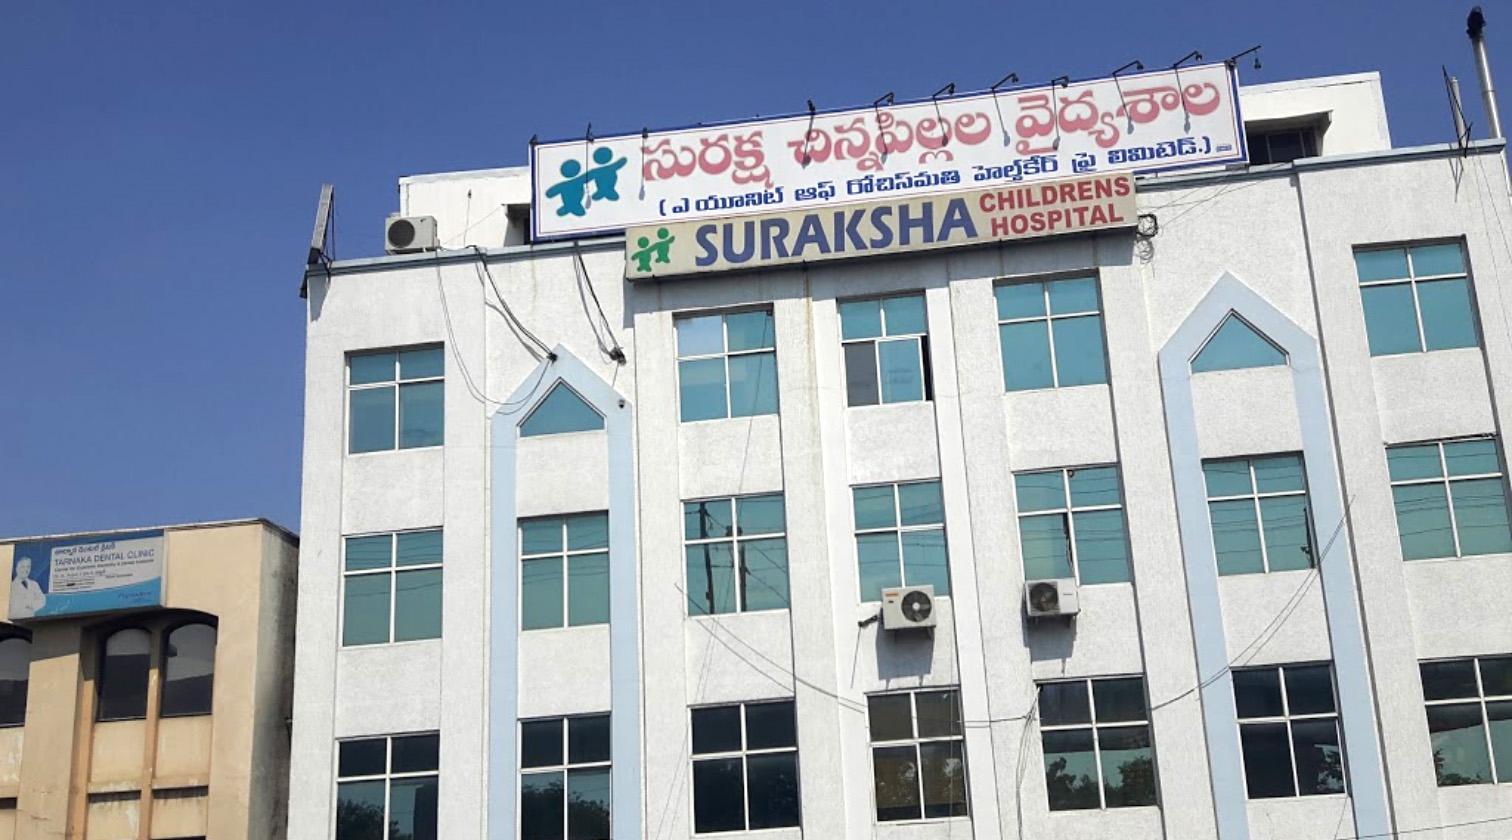 Suraksha Childrens Hospital